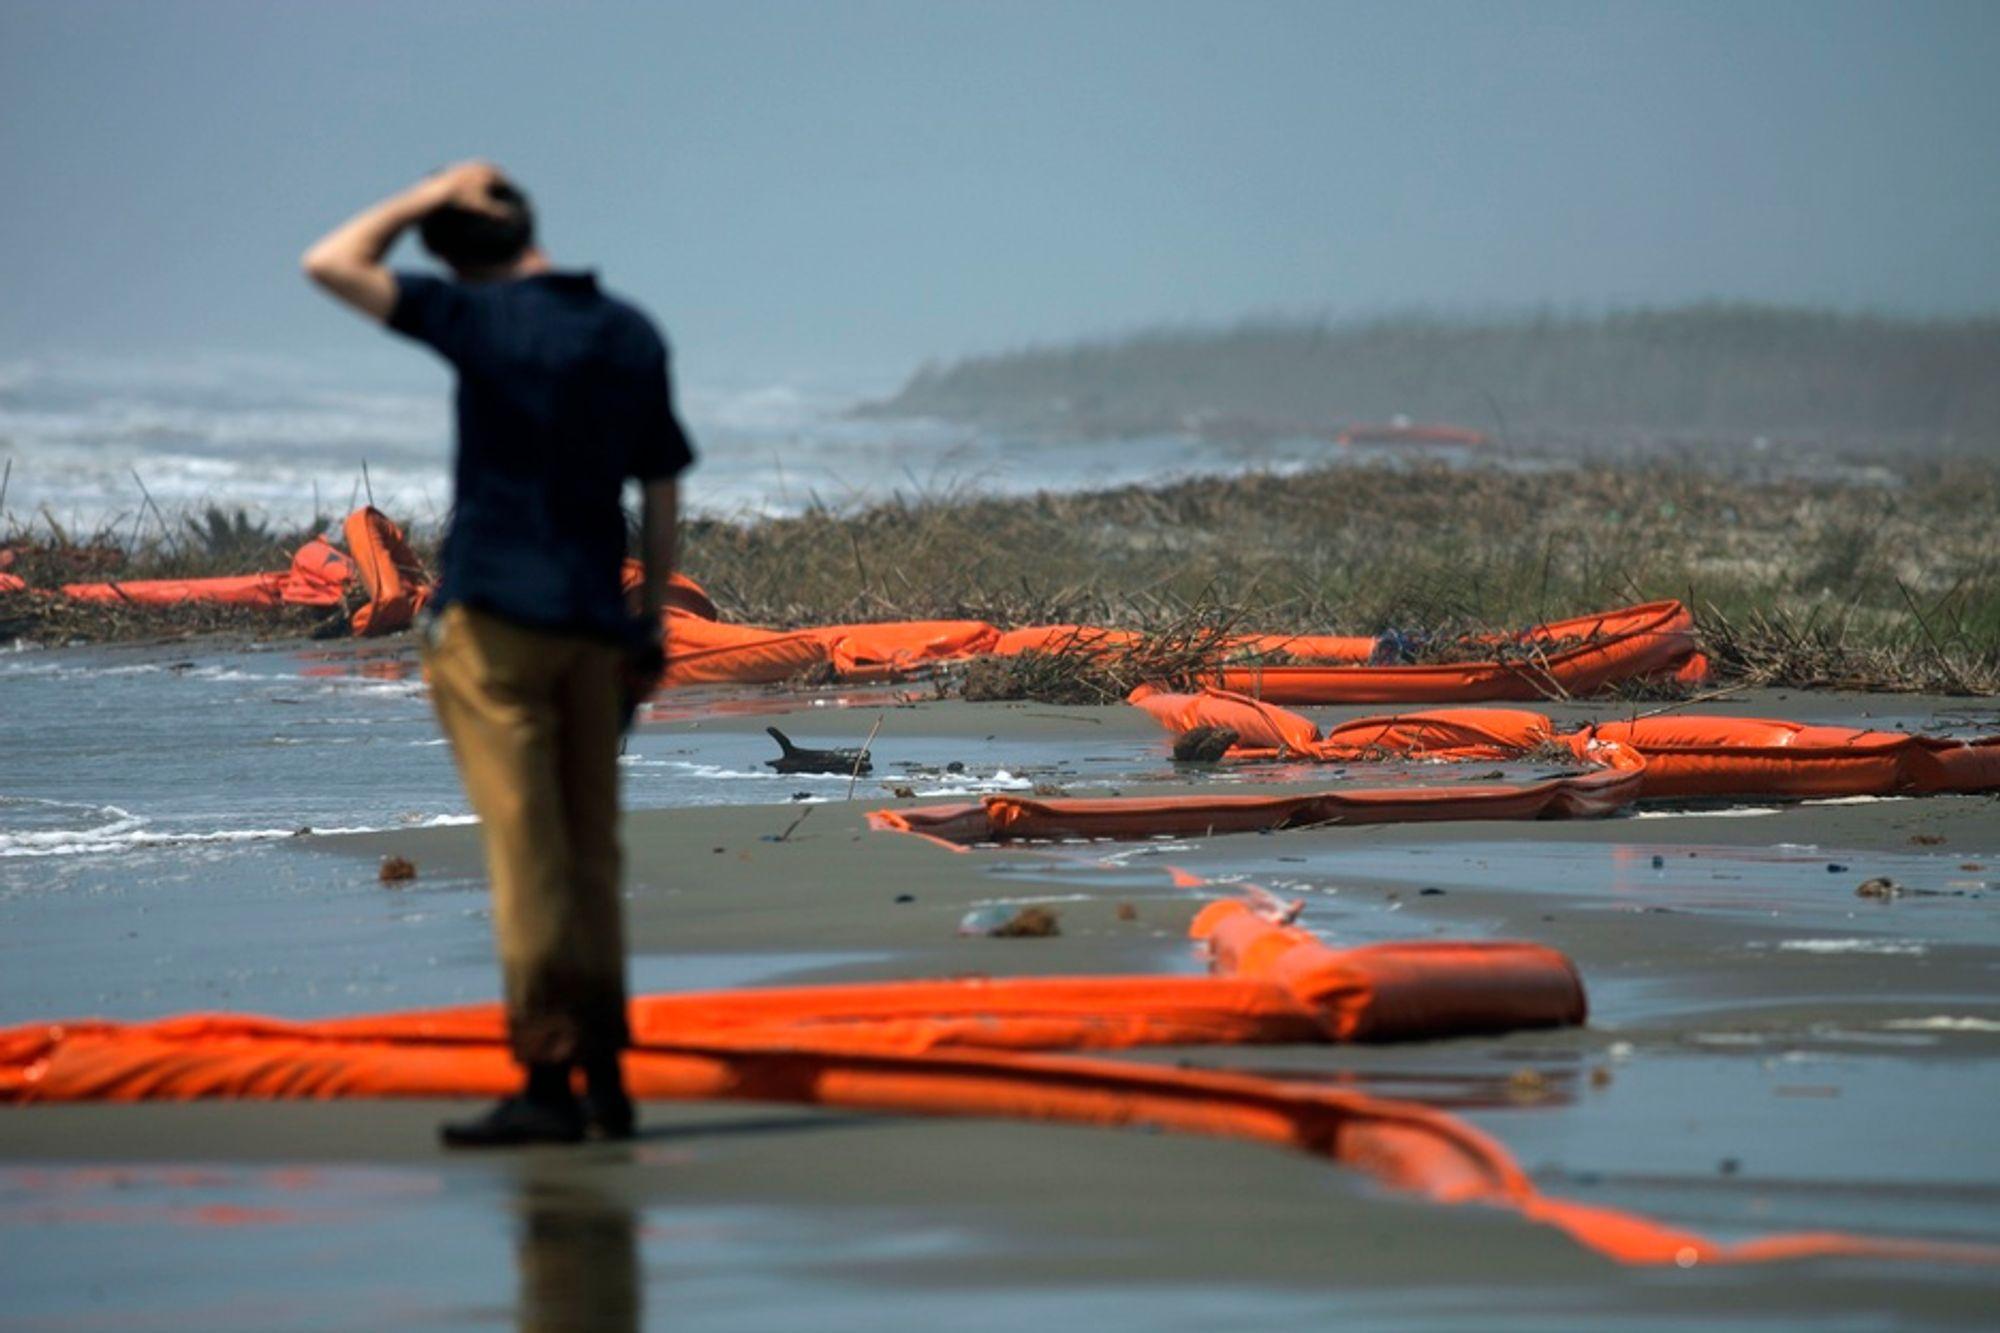 KONSEKVENSER: Direktøren for havnemyndighetene i Port Fourchon, Chett Chiasson, frykter at boreforbudet vil få katastrofale konsekvenser for næringslivet i Louisiana.